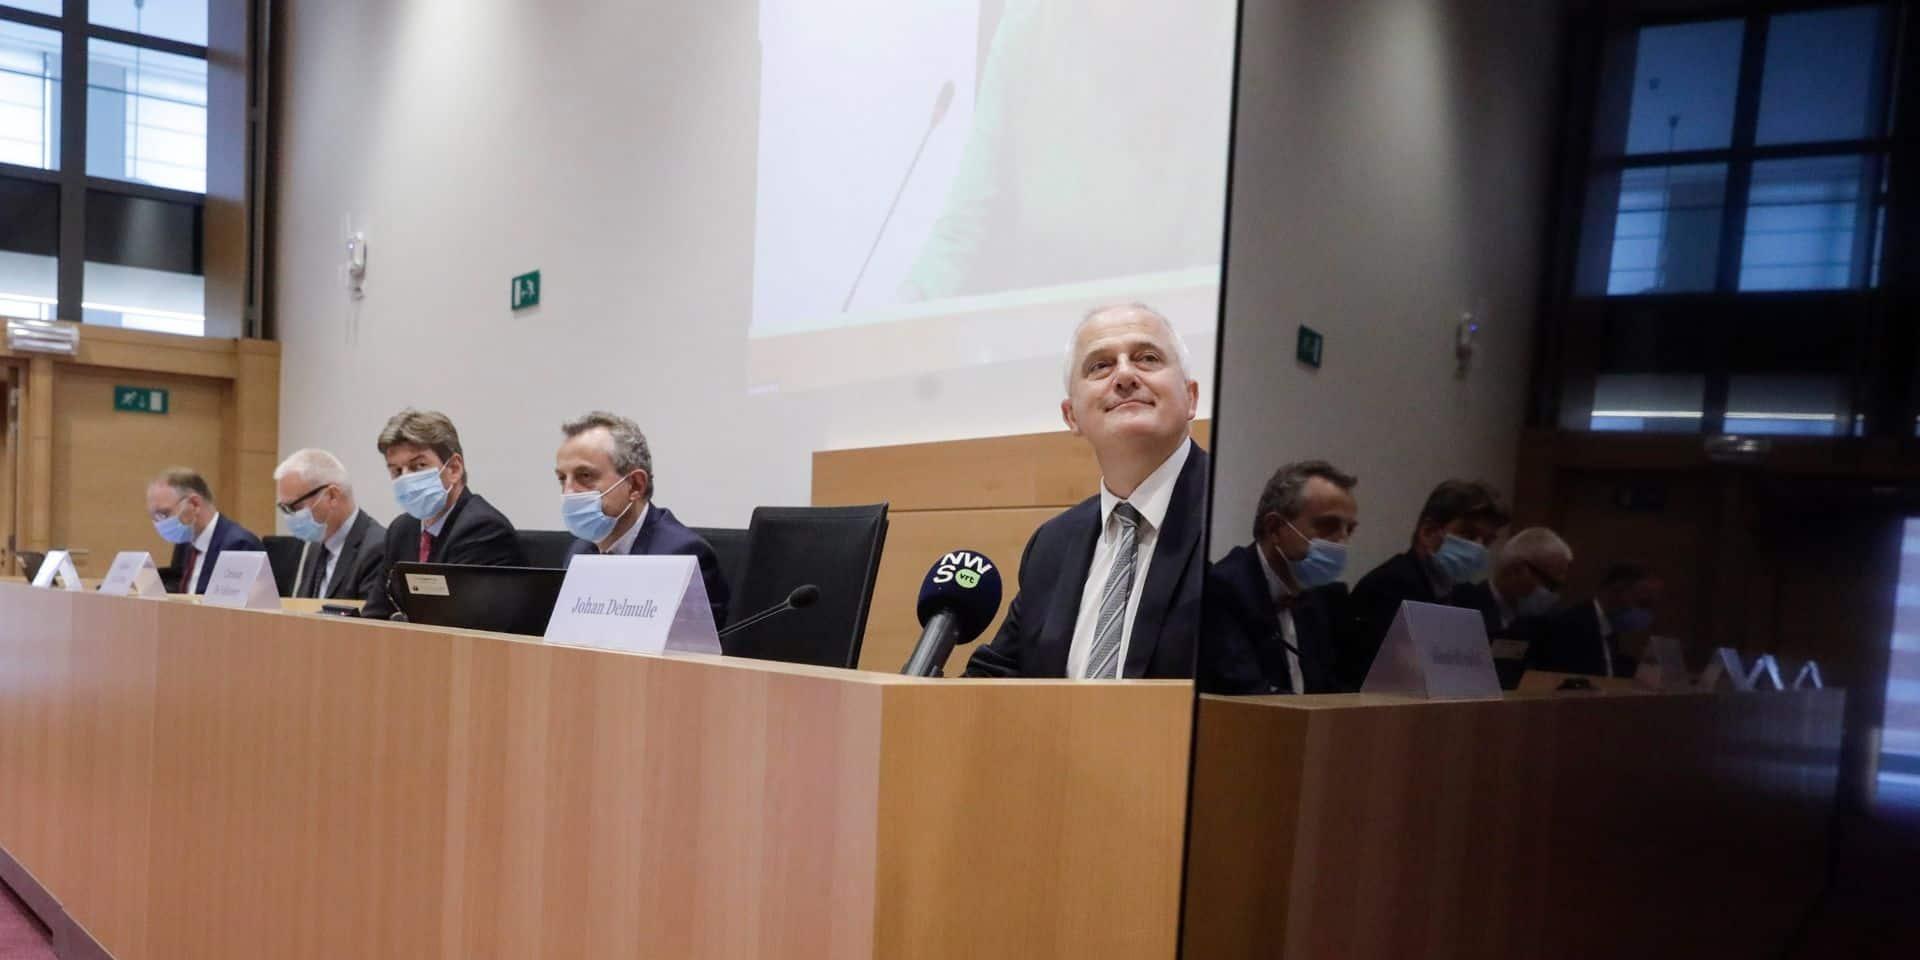 Affaire Chovanec : les Procureurs généraux suggèrent de créer une commission d'enquête